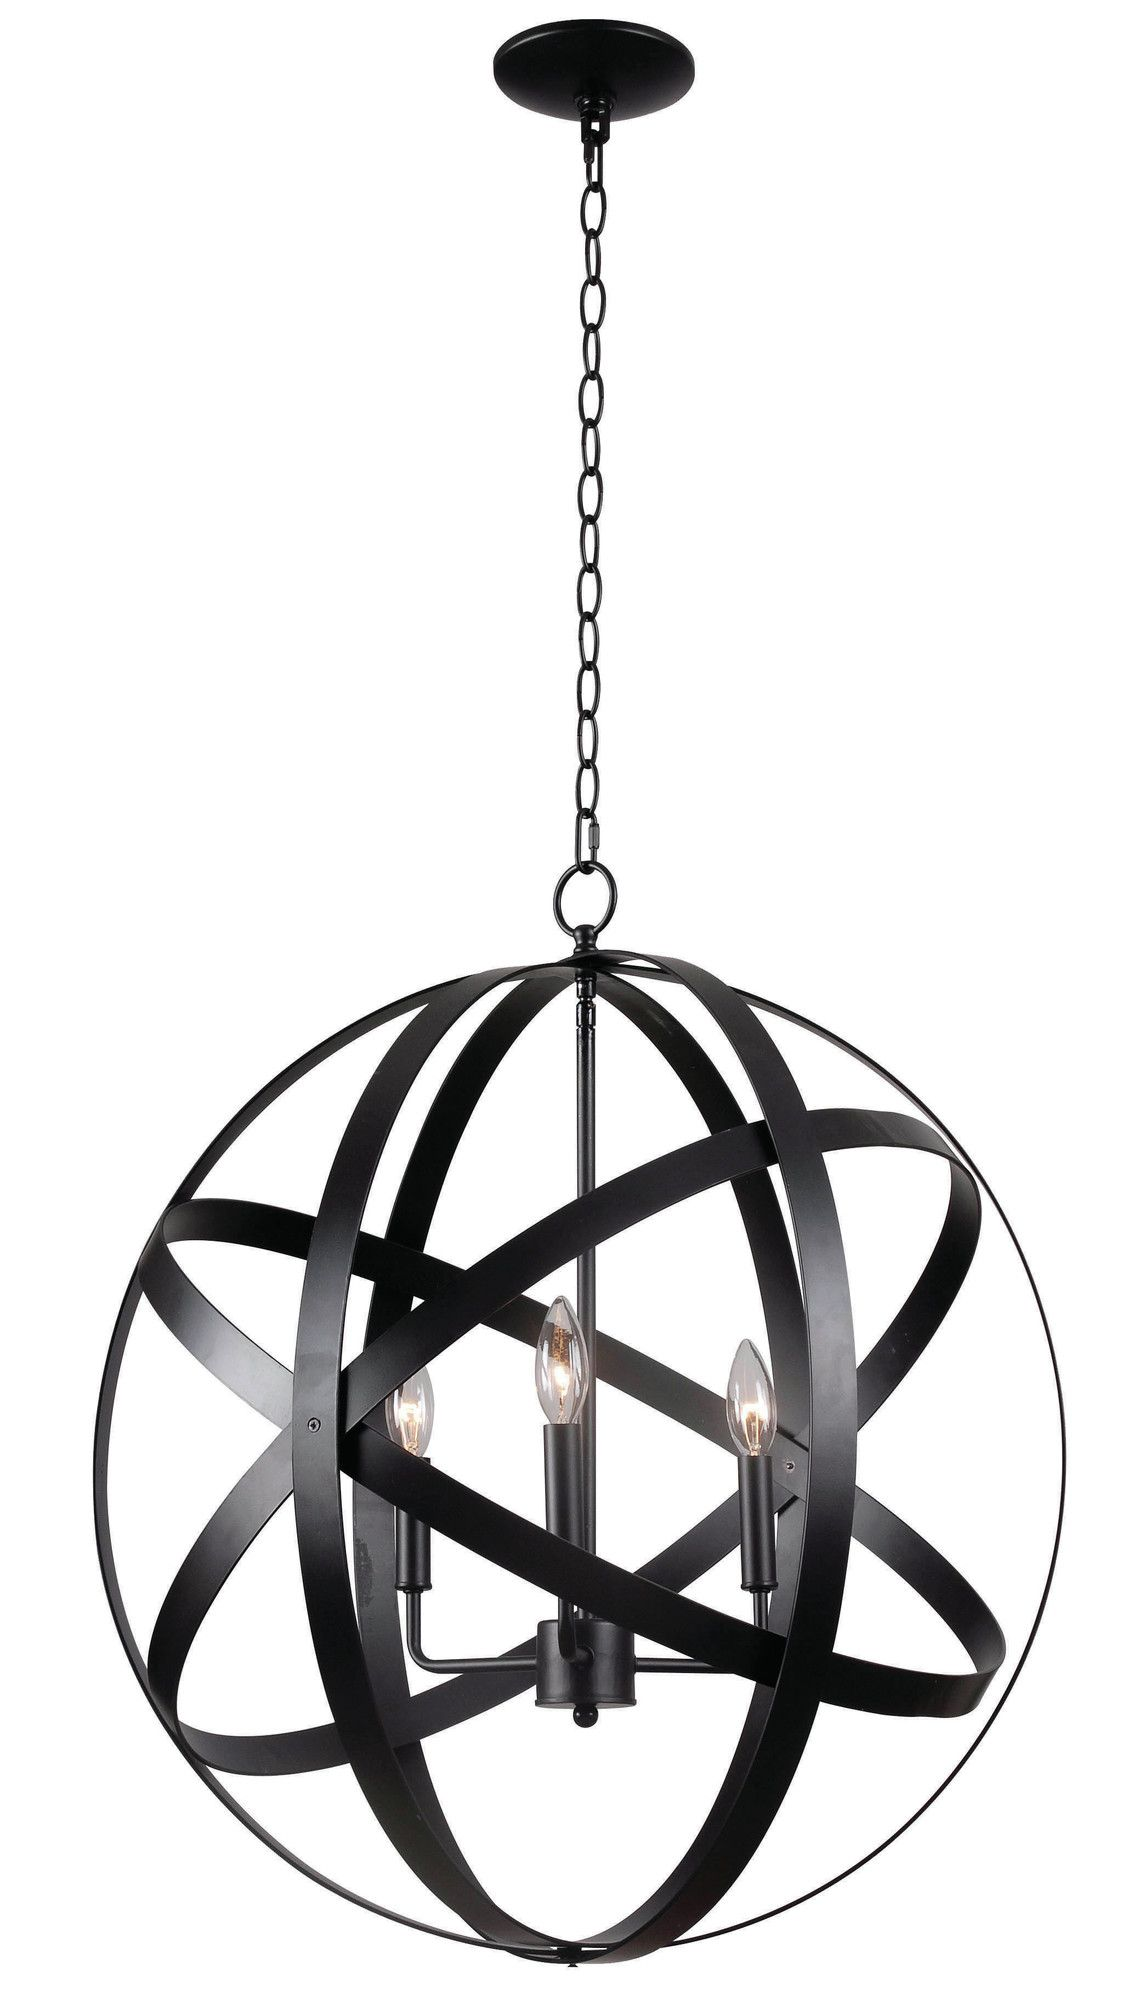 Ealey 1 Light Single Globe Pendant 3 Light Pendant Globe Chandelier Pendant Lighting